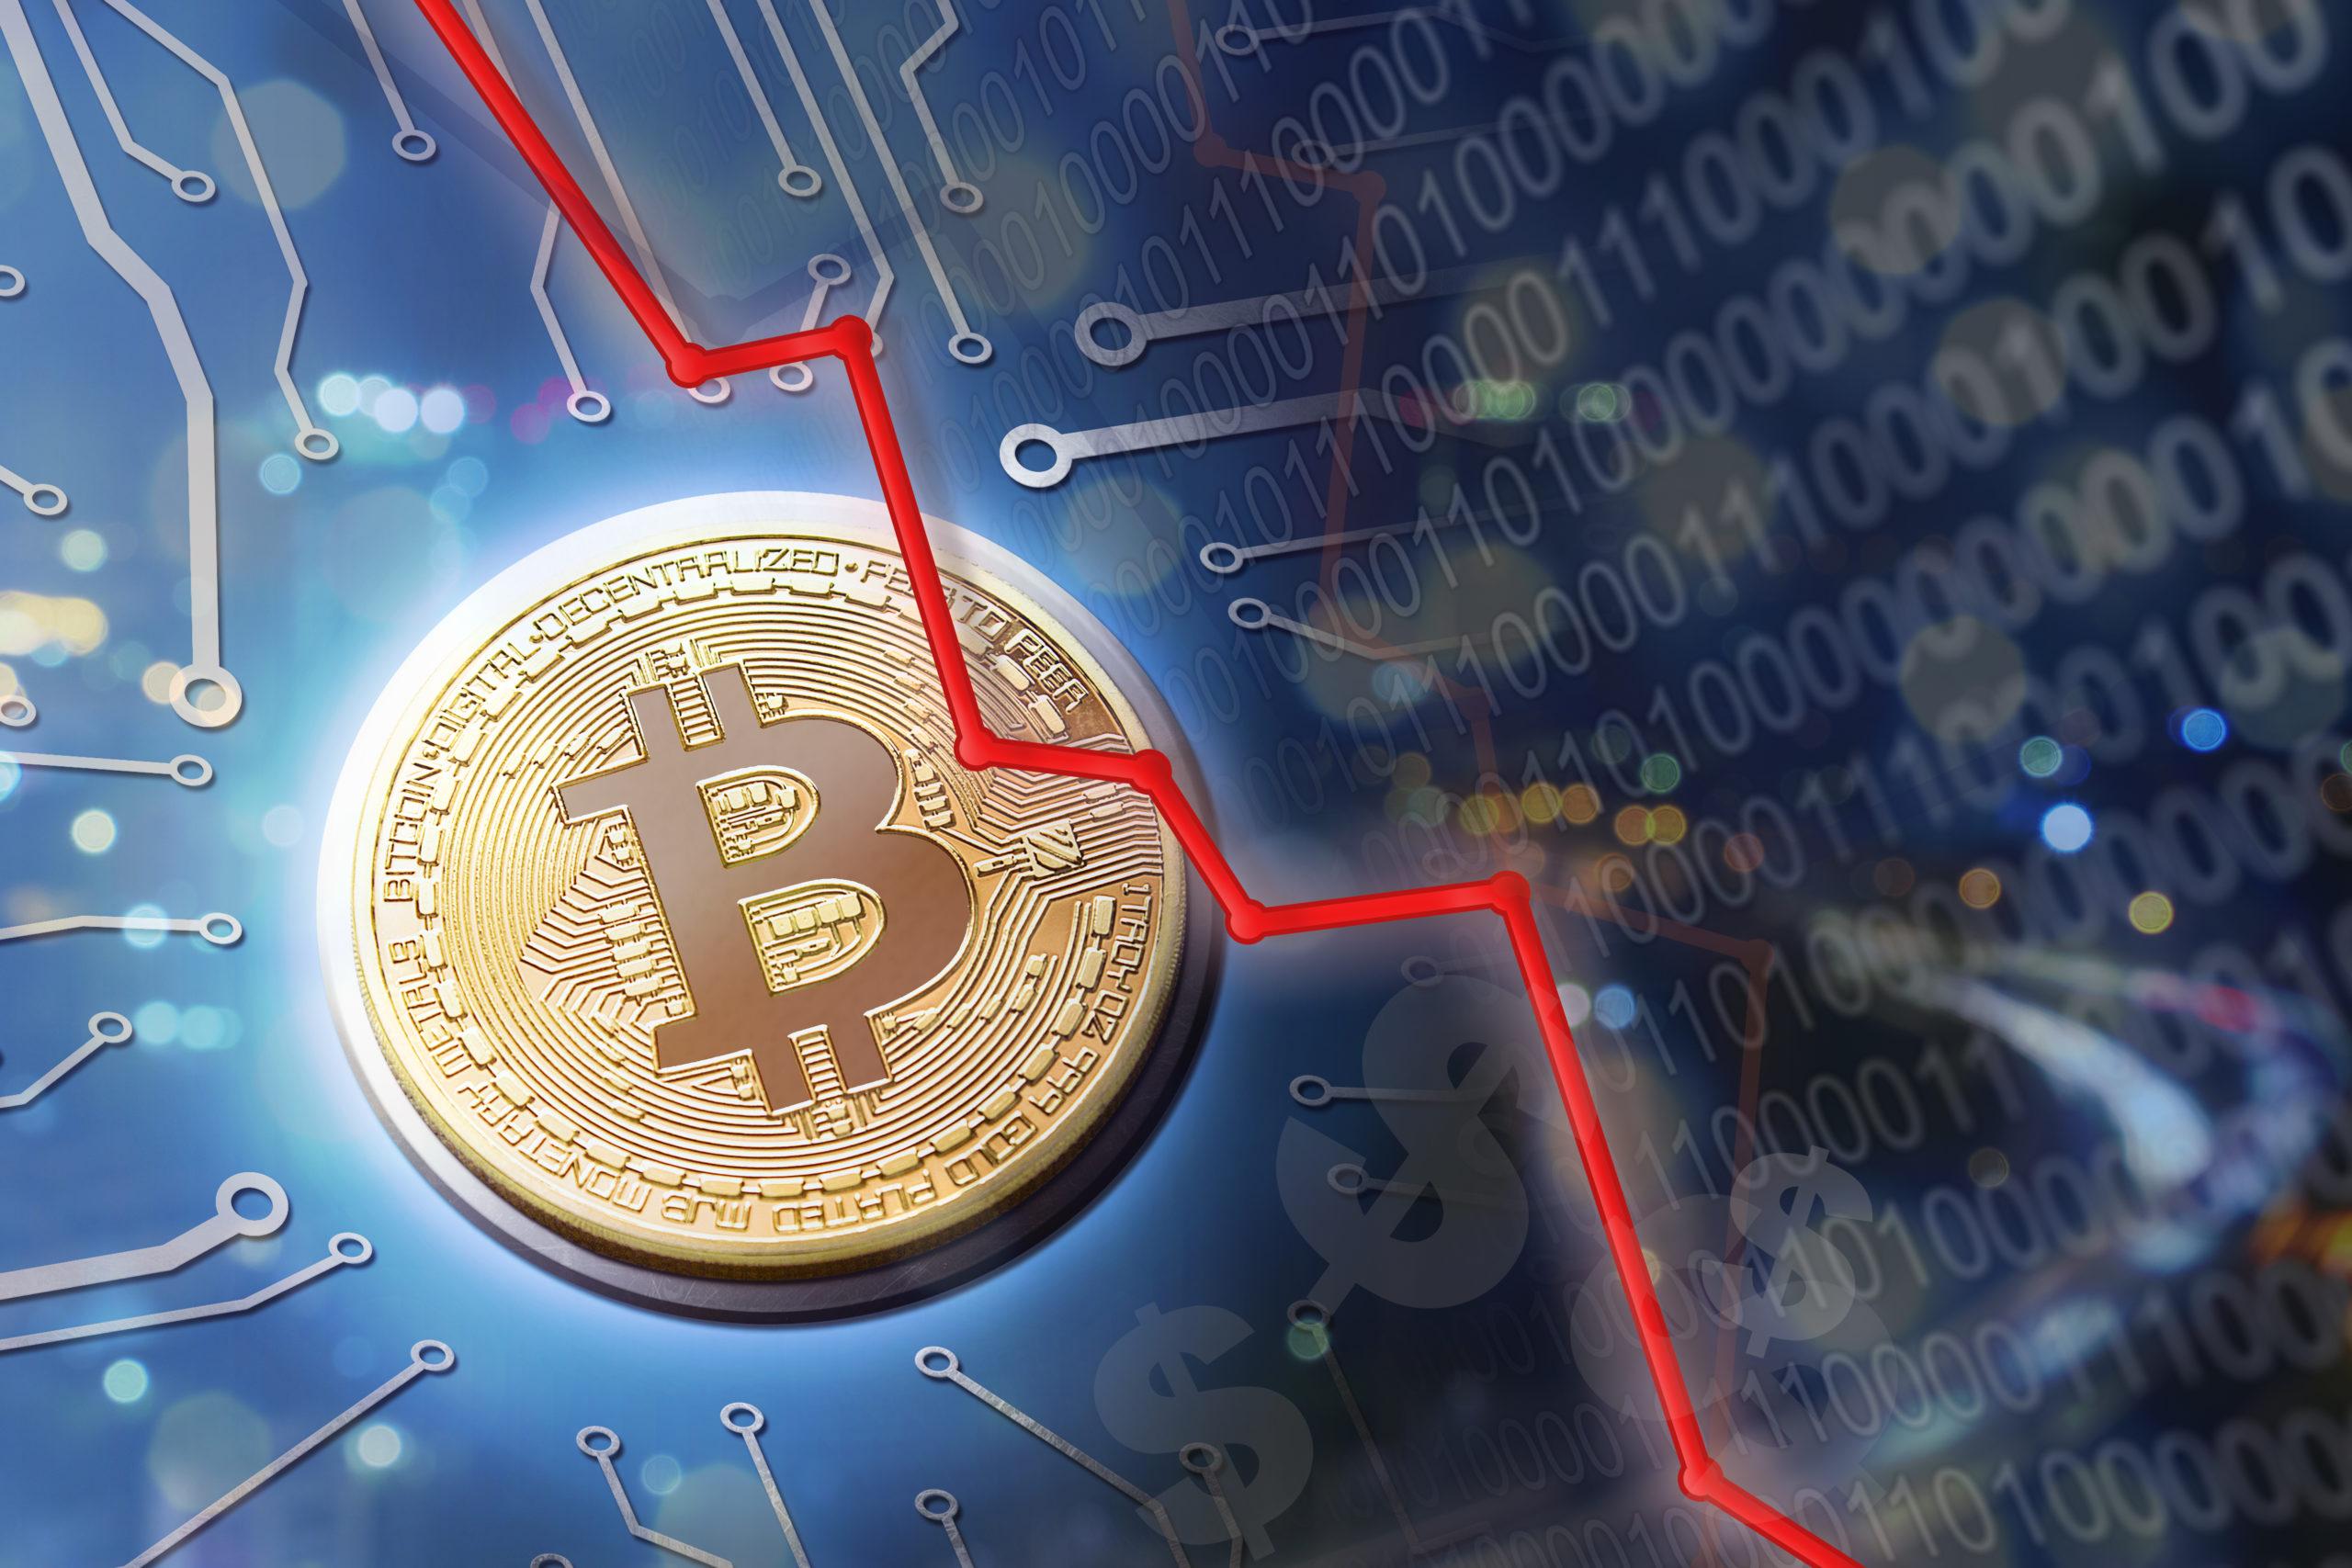 Warum ist der Bitcoin, also stark gefallen